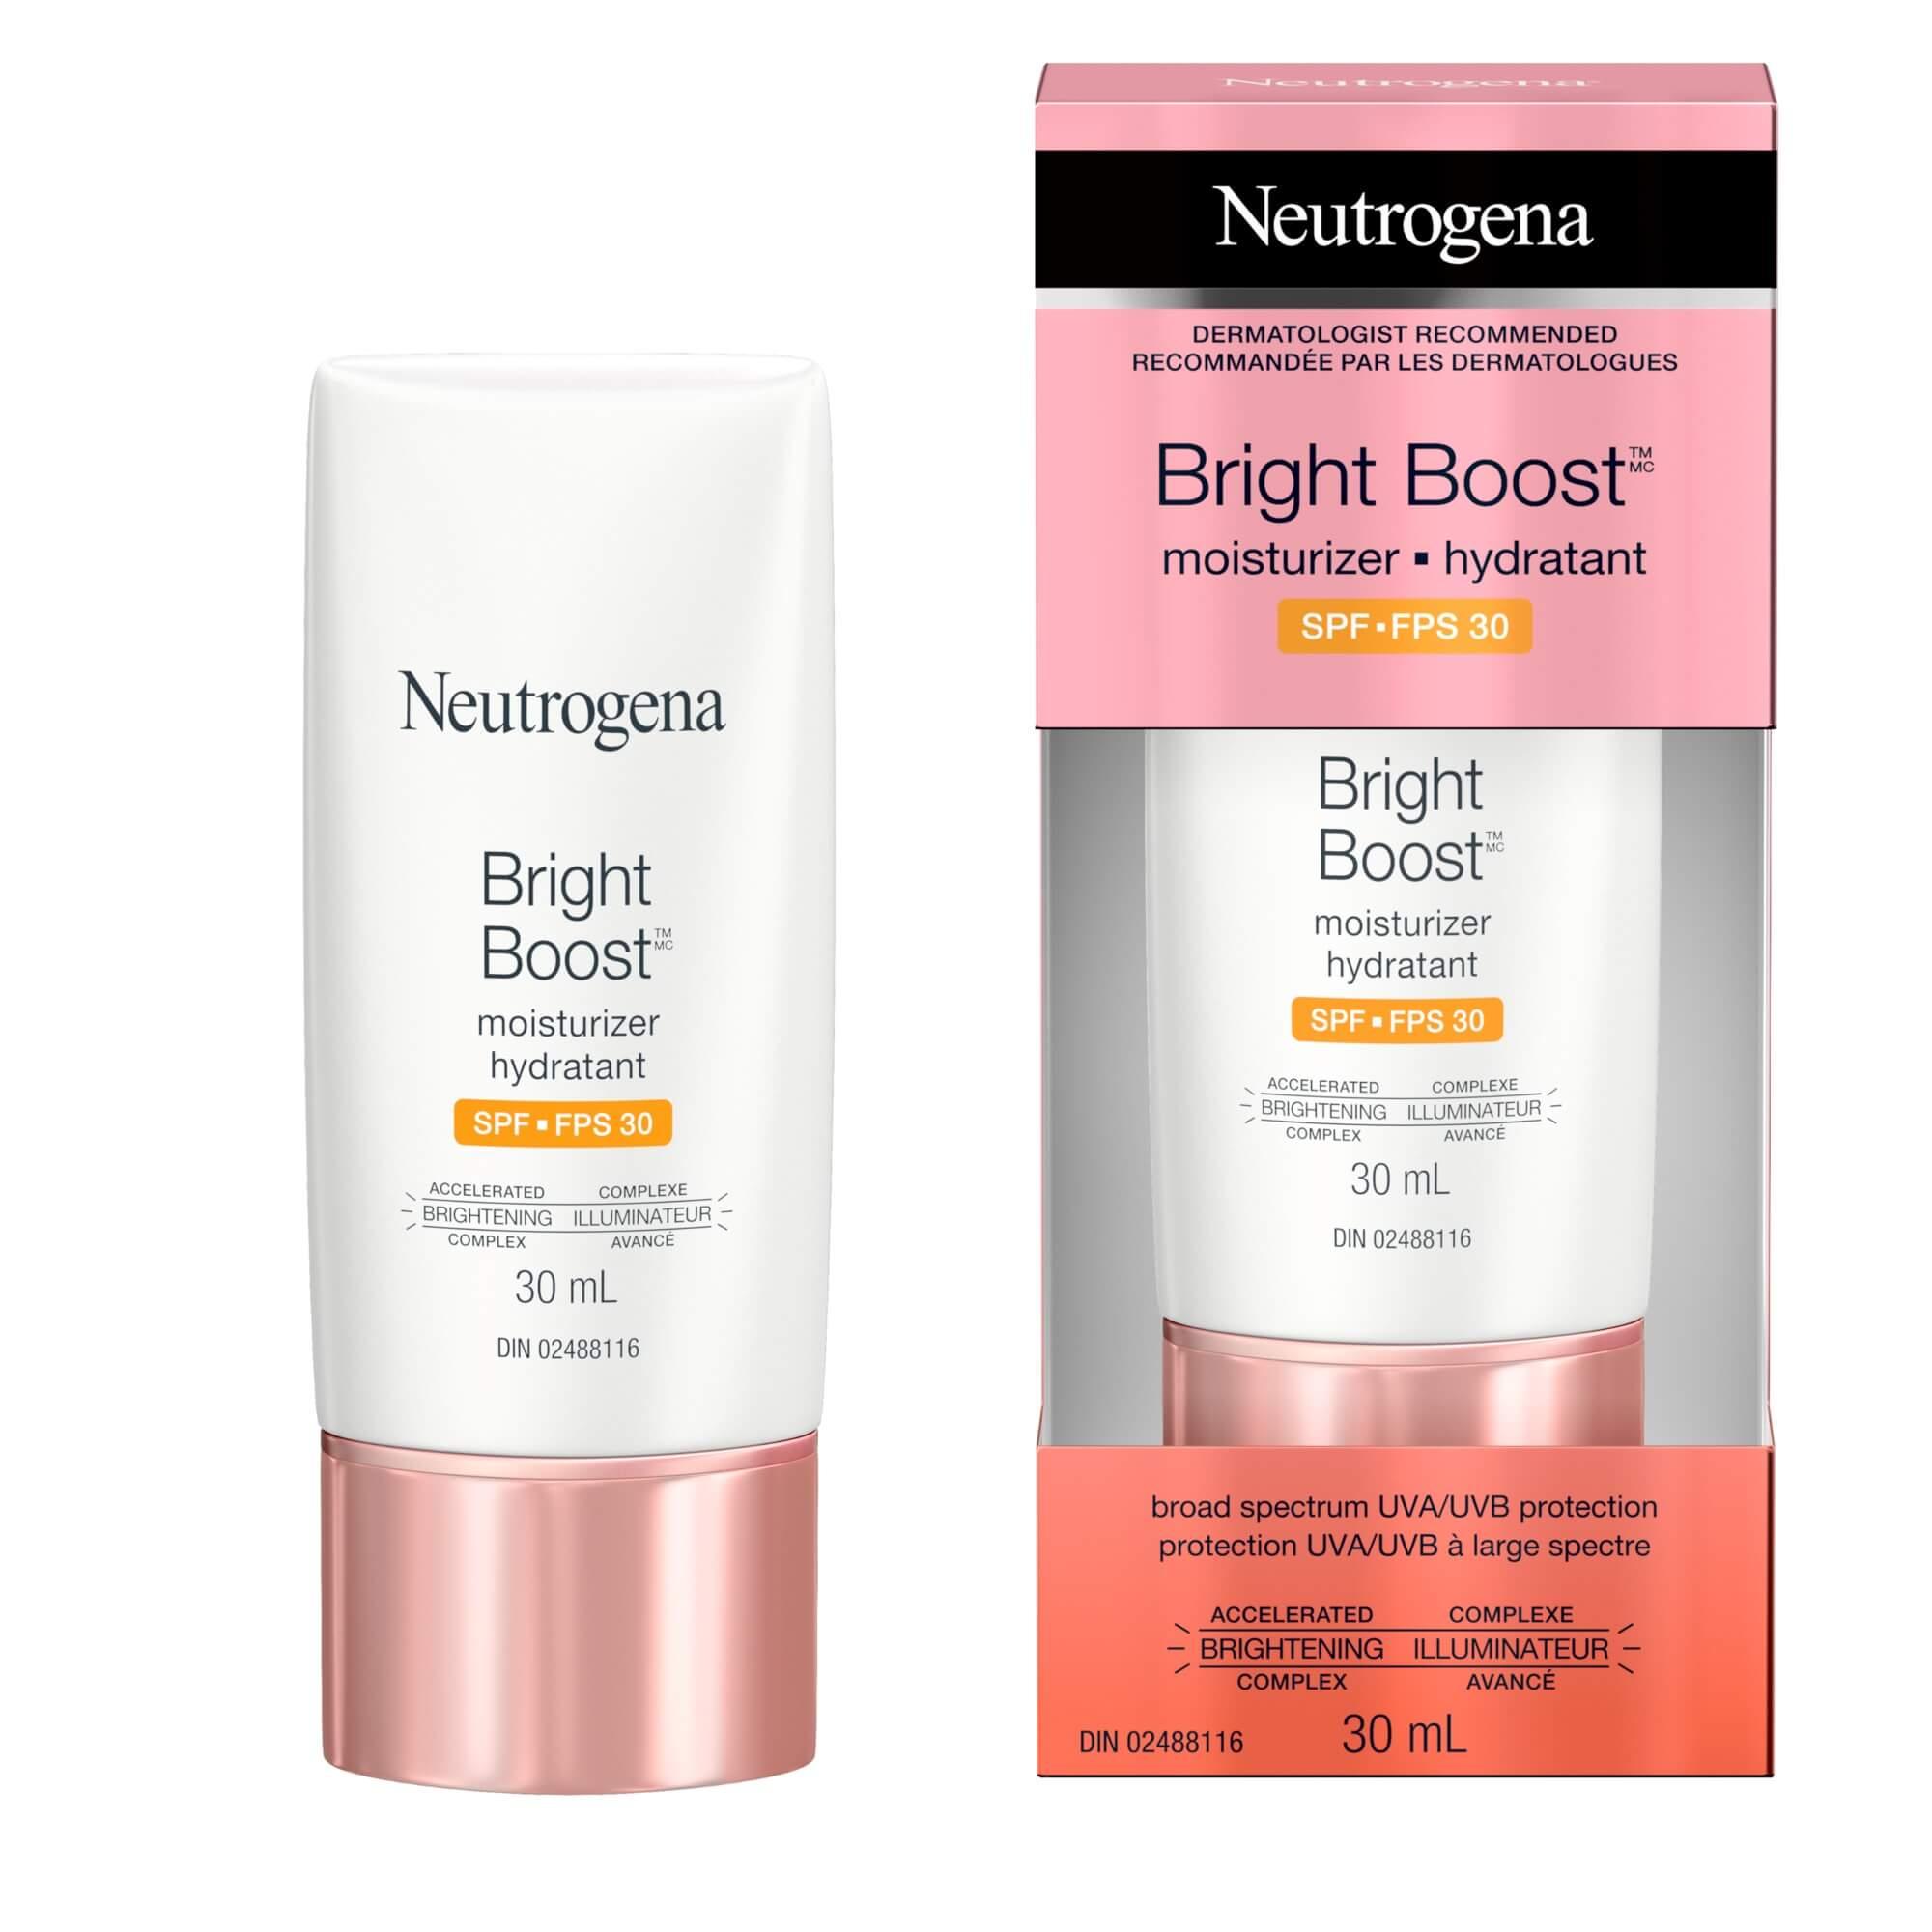 Hydratant Neutrogena Bright BoostMC avec FPS 30, 30 ml